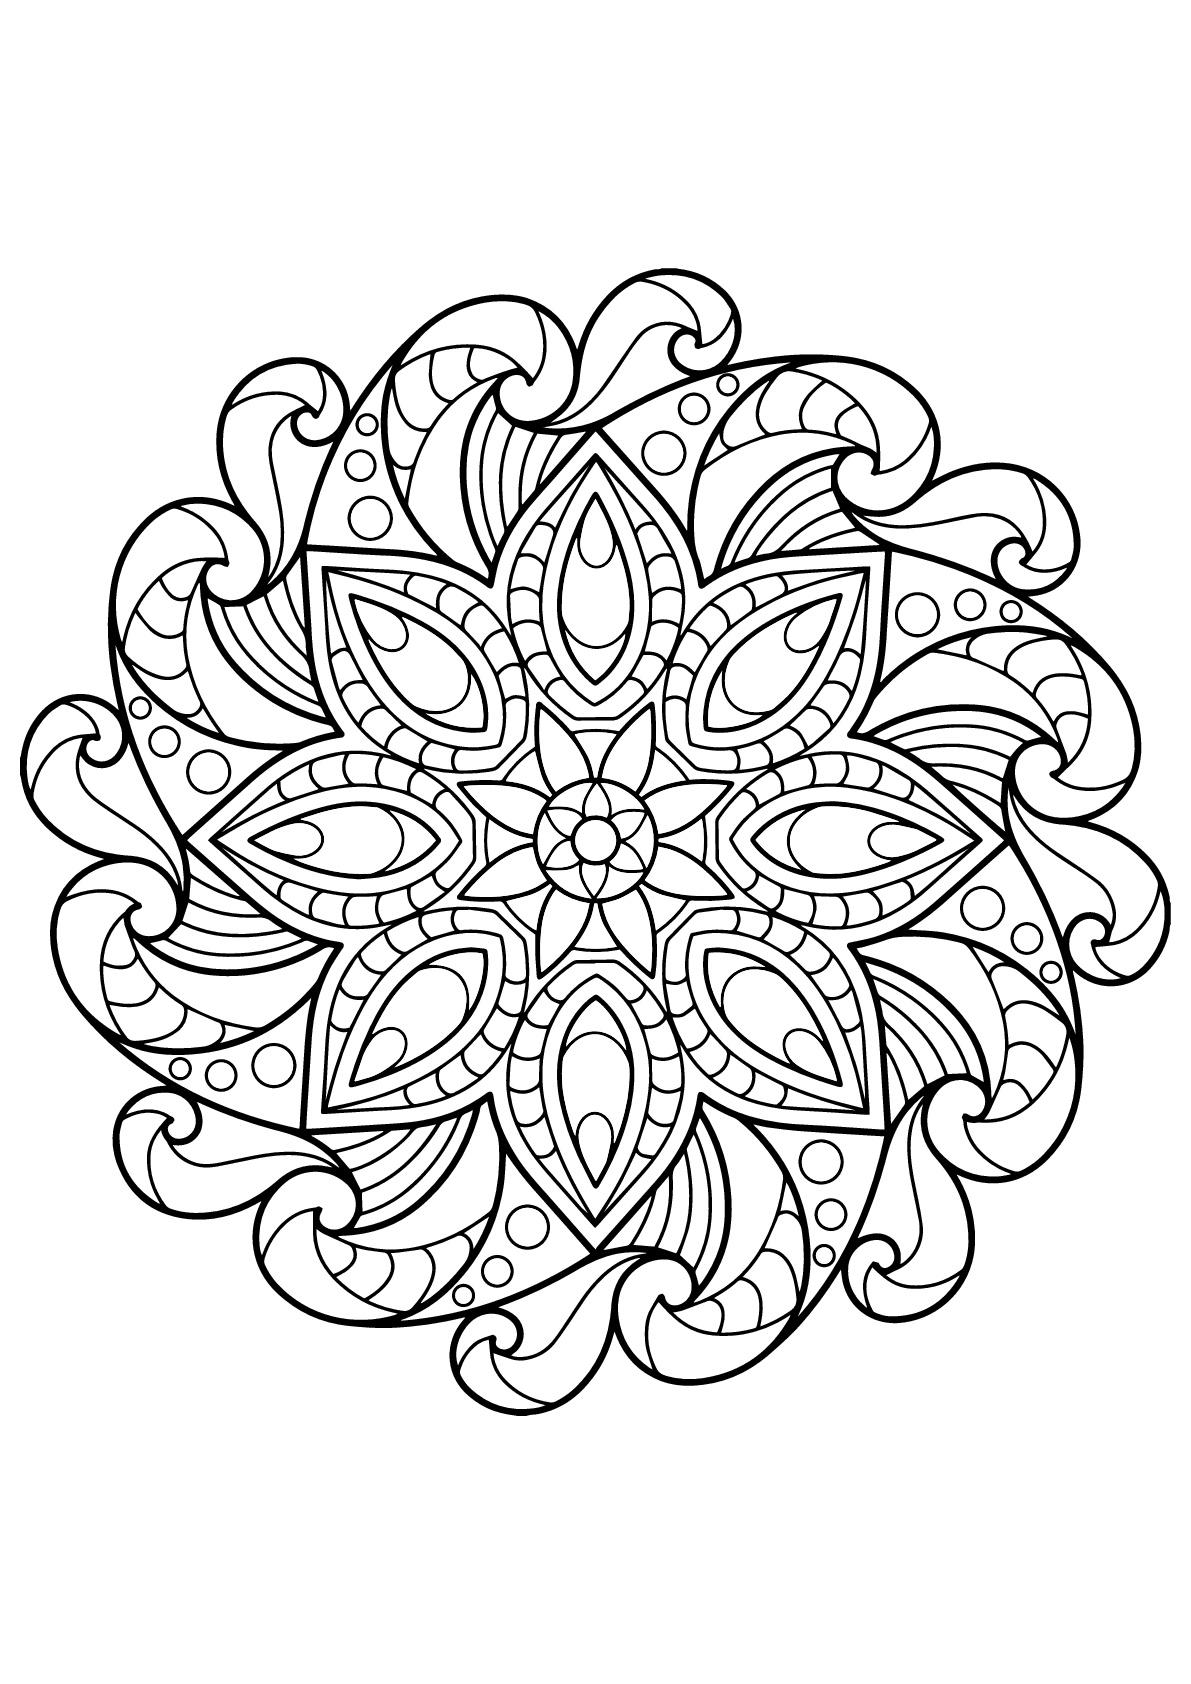 Disegni da colorare per adulti : Mandalas - 2